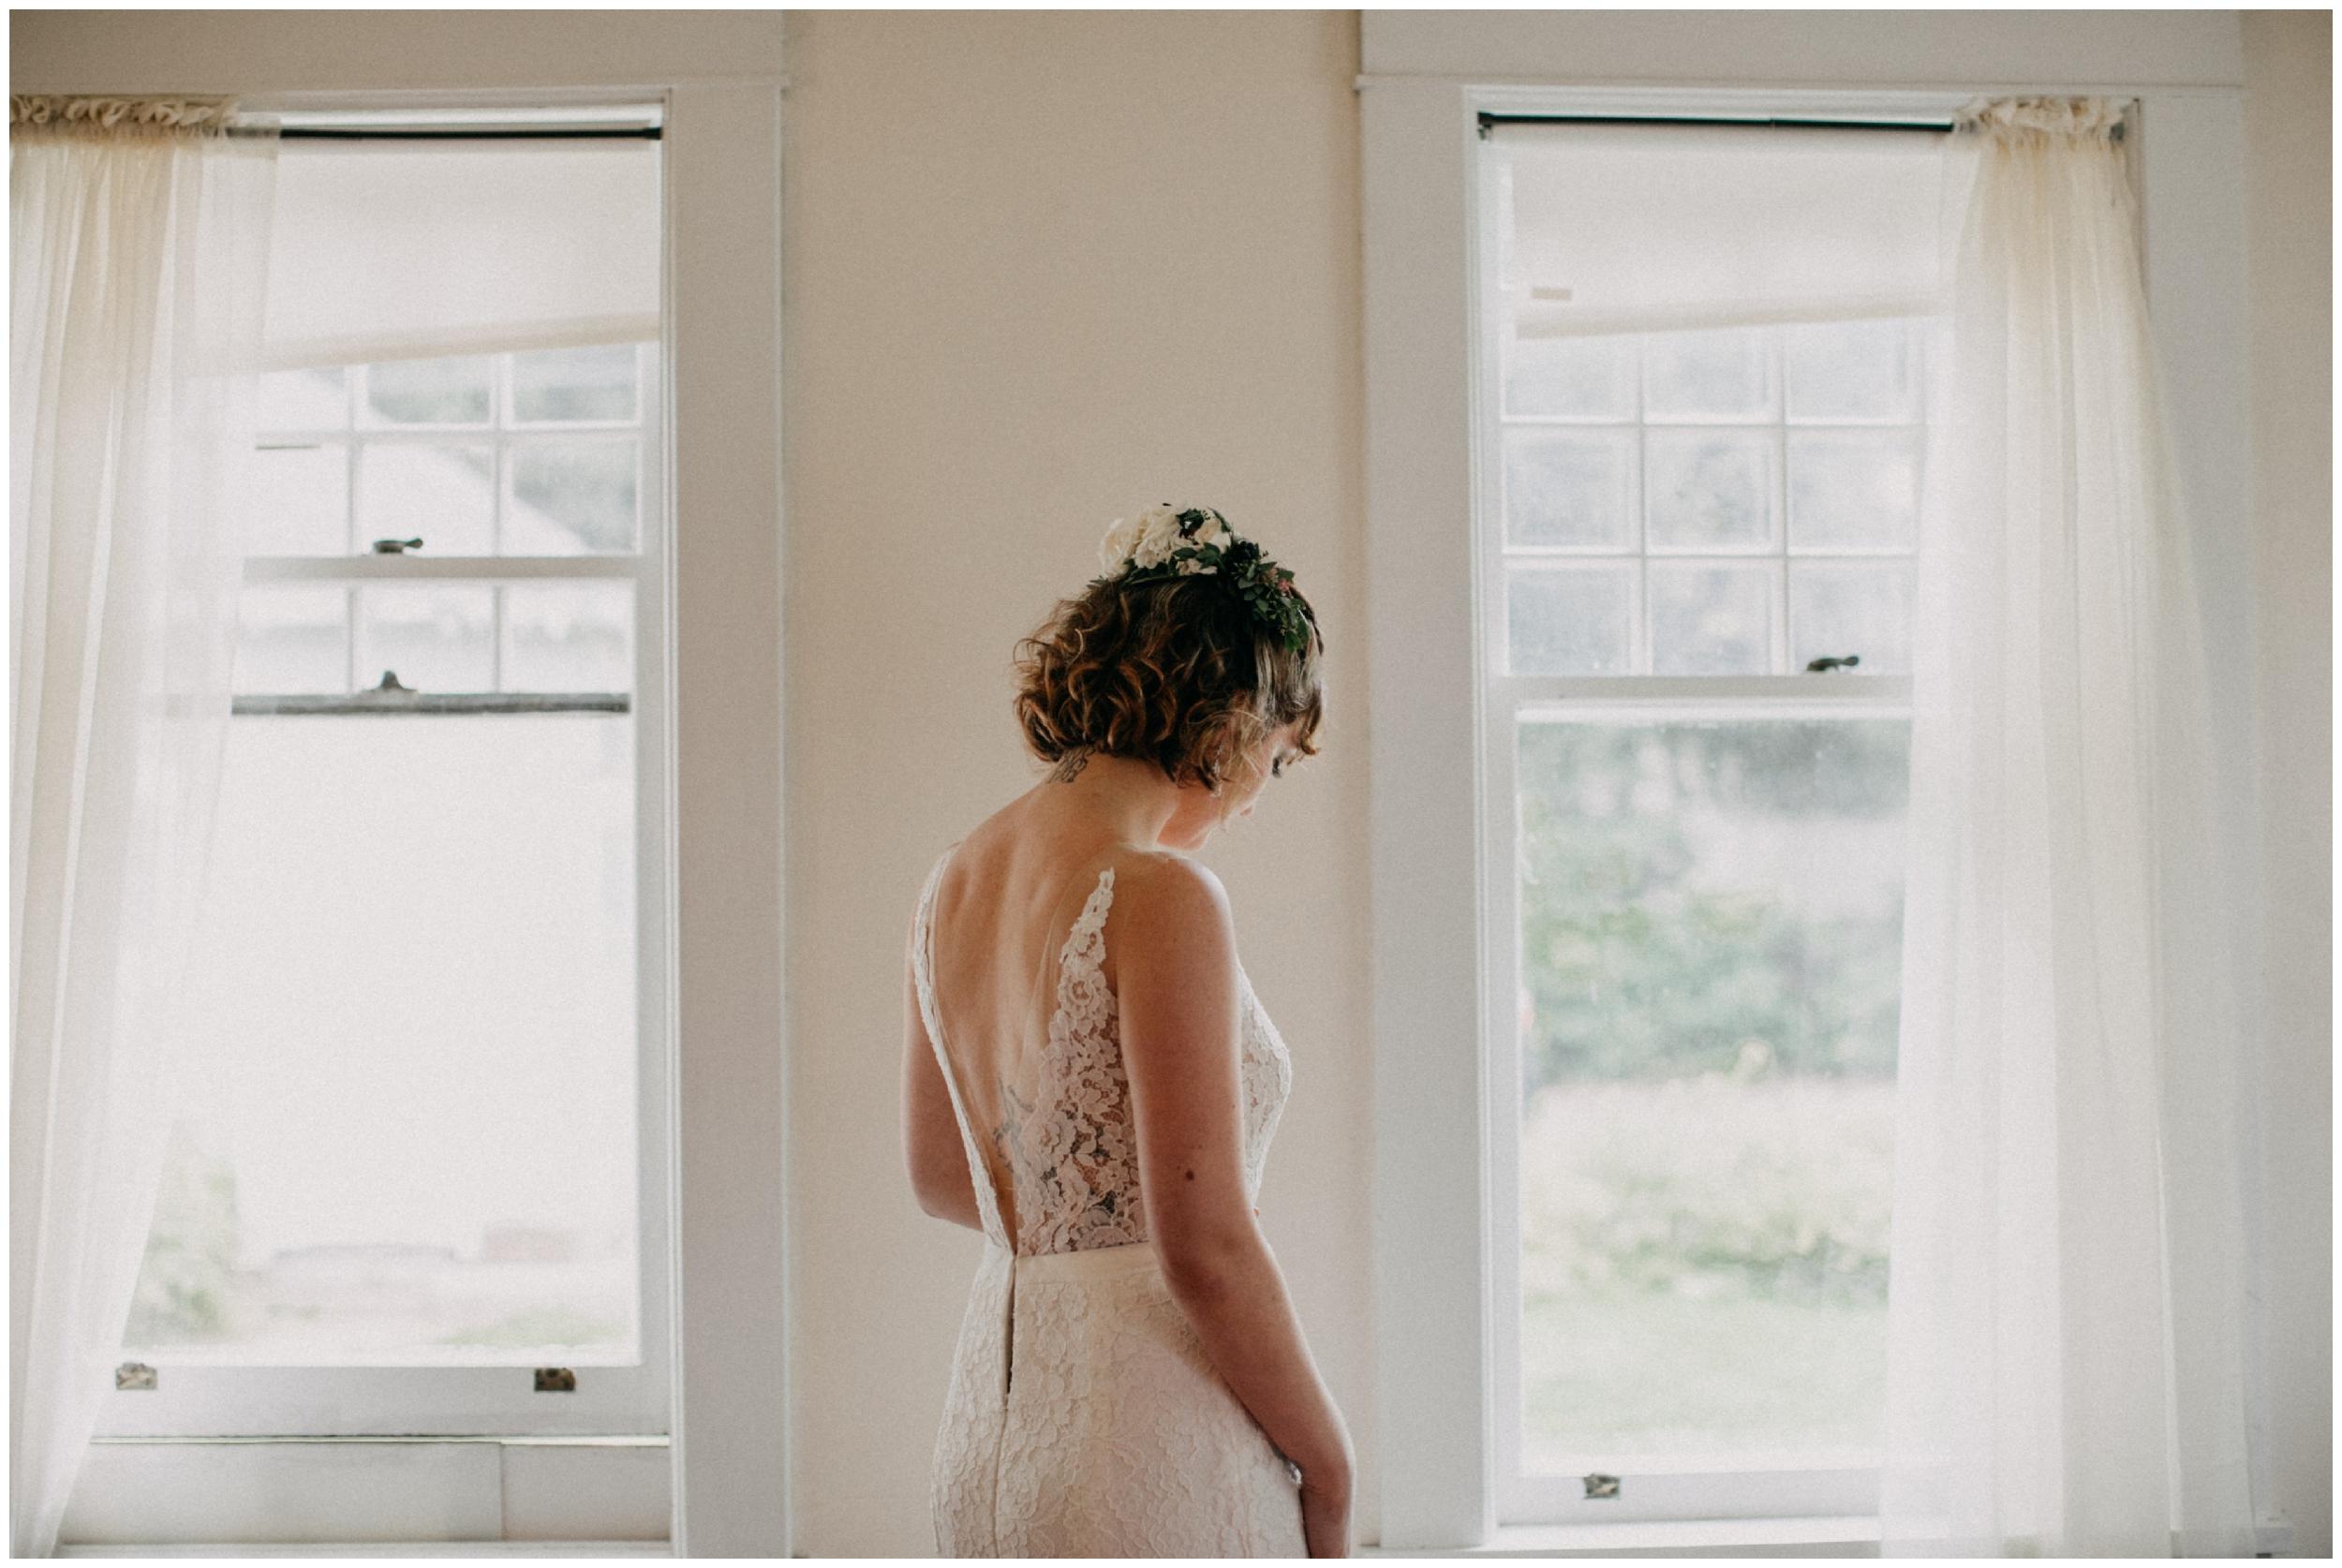 Duluth Minnesota elopement wedding photographed by Britt DeZeeuw